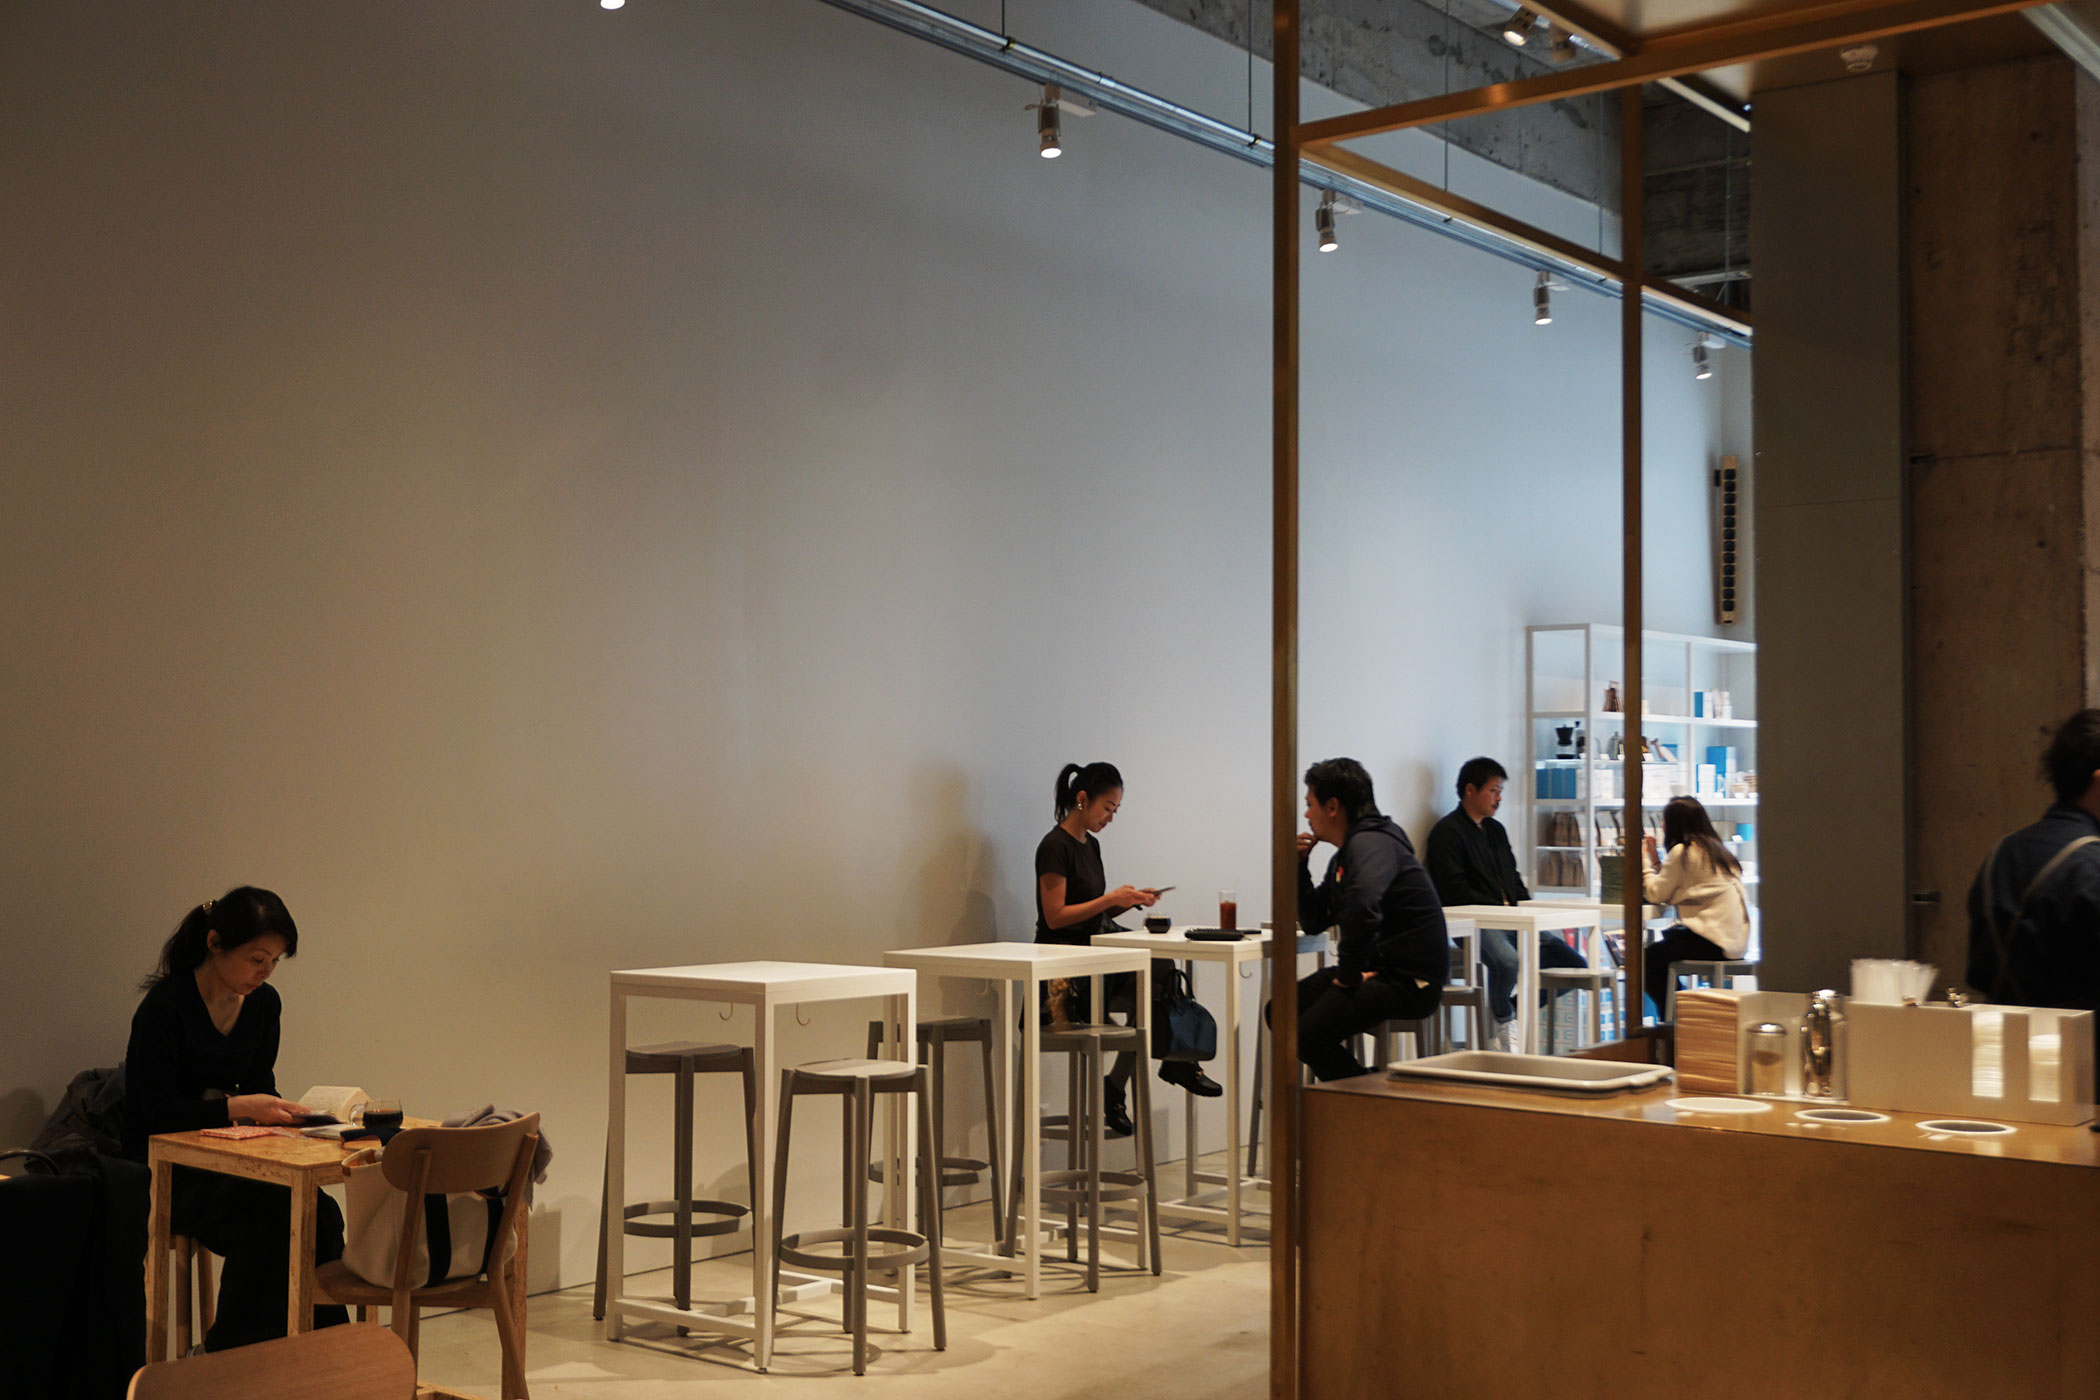 ブルーボトルコーヒー 神戸カフェ (BLUE BOTTLE COFFEE) 関西2店舗目は開放的なショップがよく似合う神戸の街に